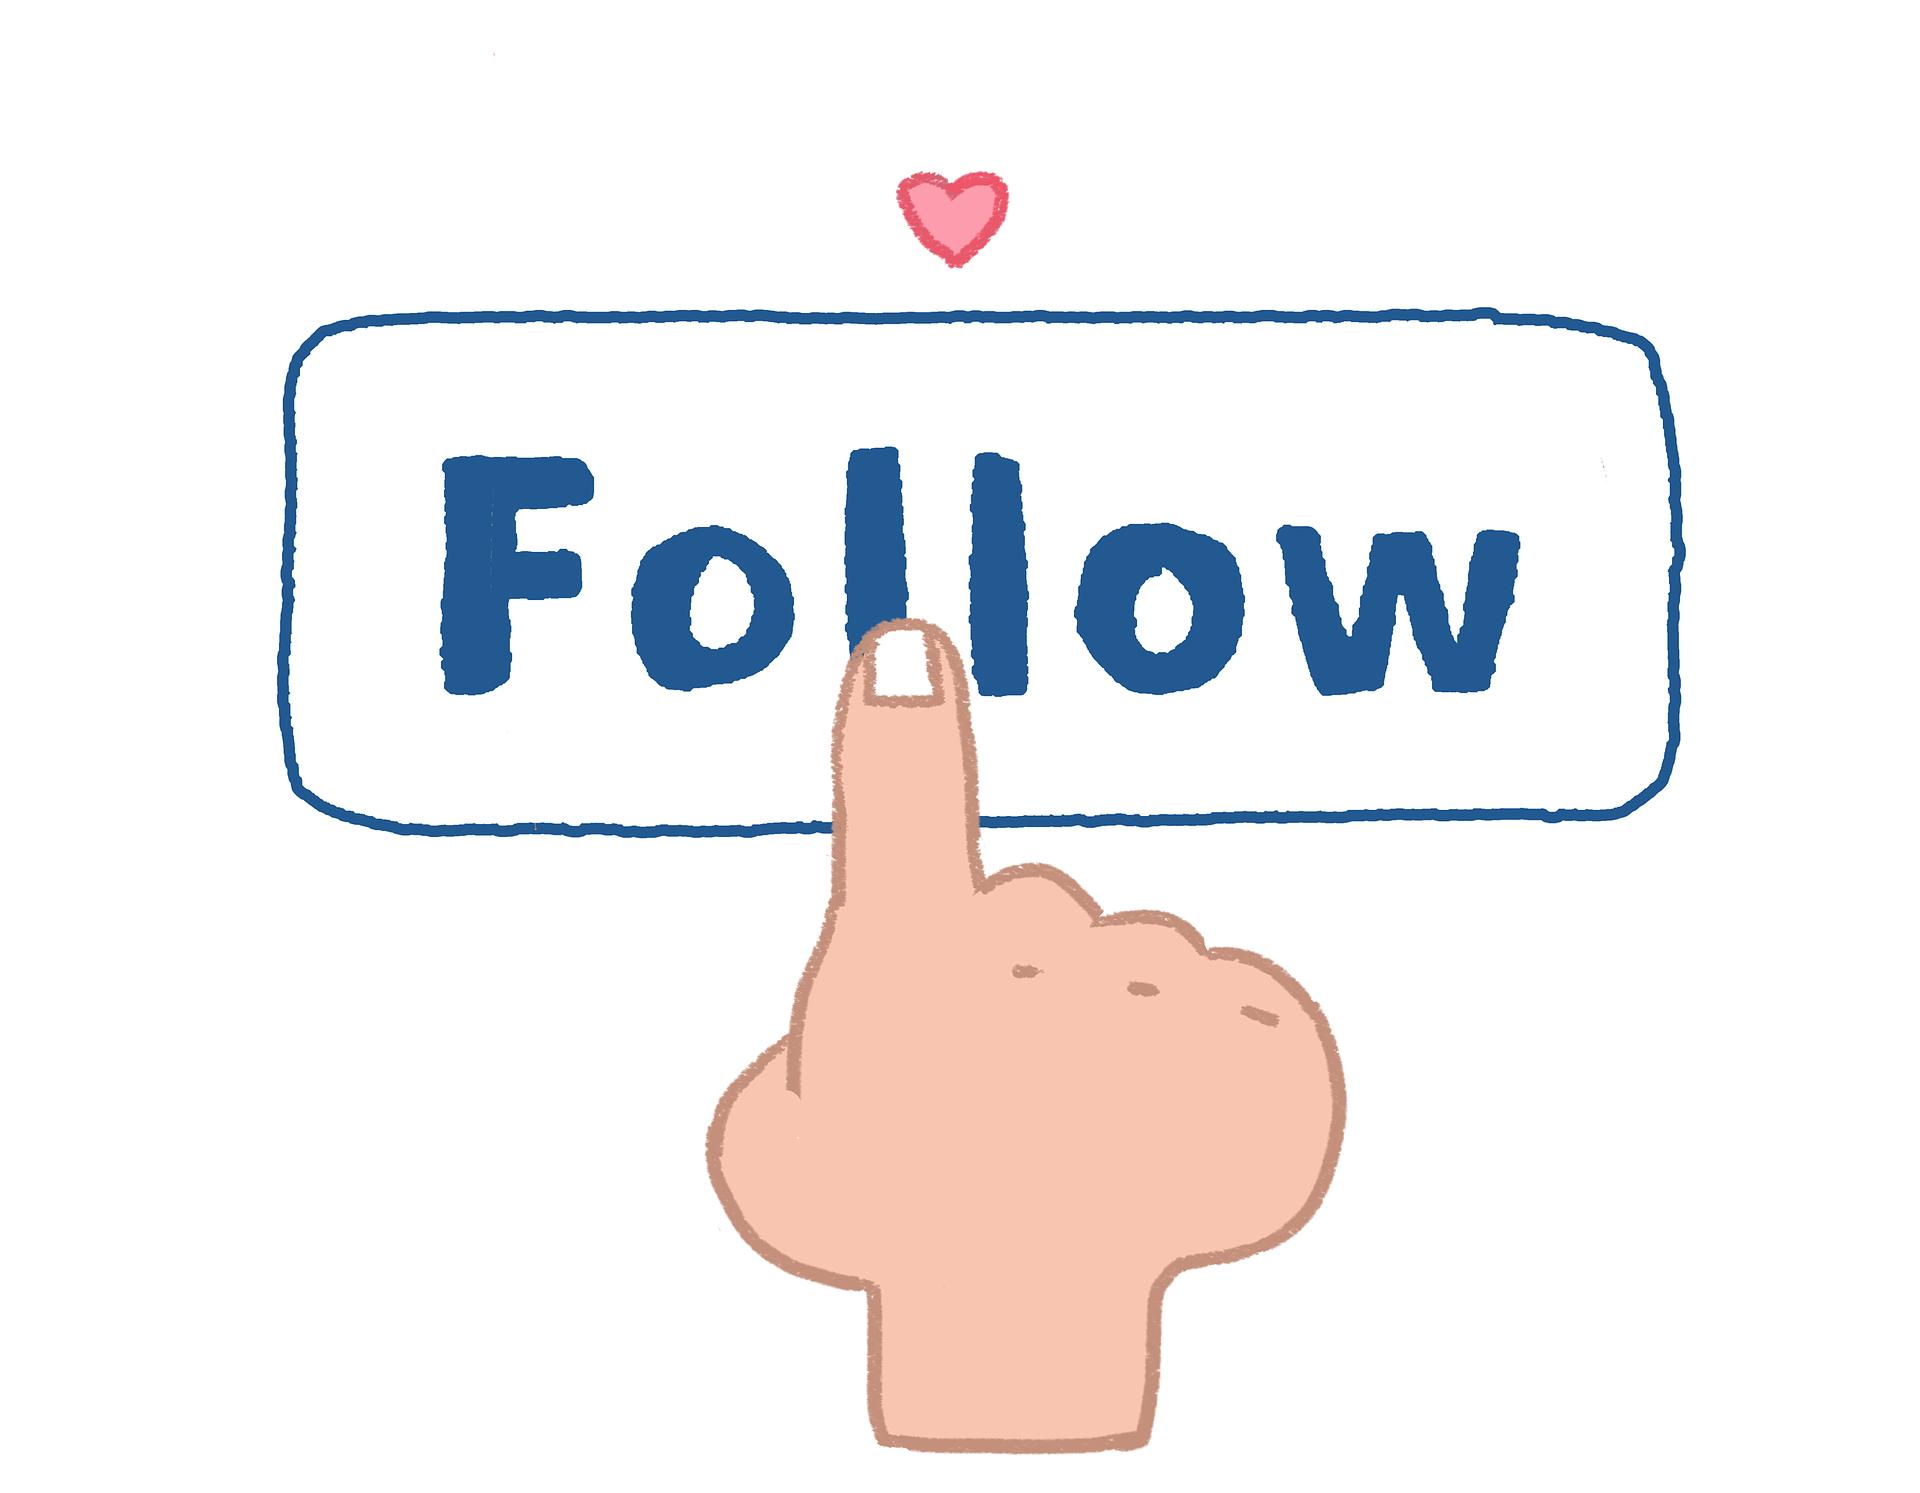 follow-1277029_1920